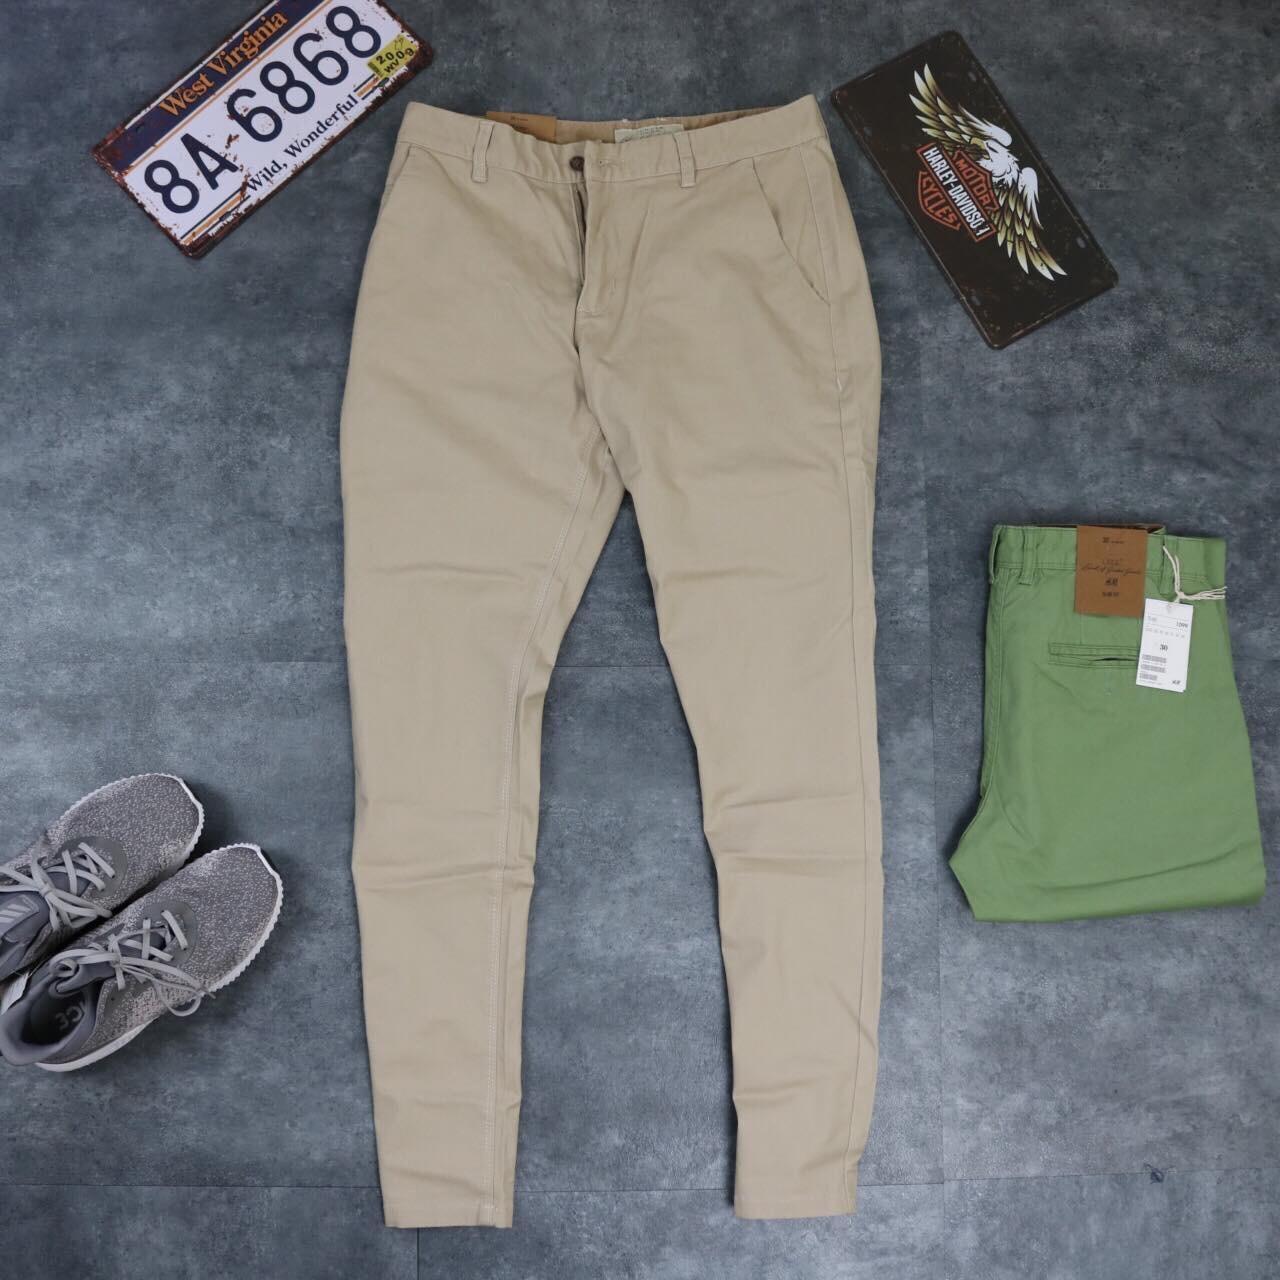 Quần kaki nam cao cấp Màu Kem - P81112 | Sàn thương mại điện tử của khách  hàng Viettelpost